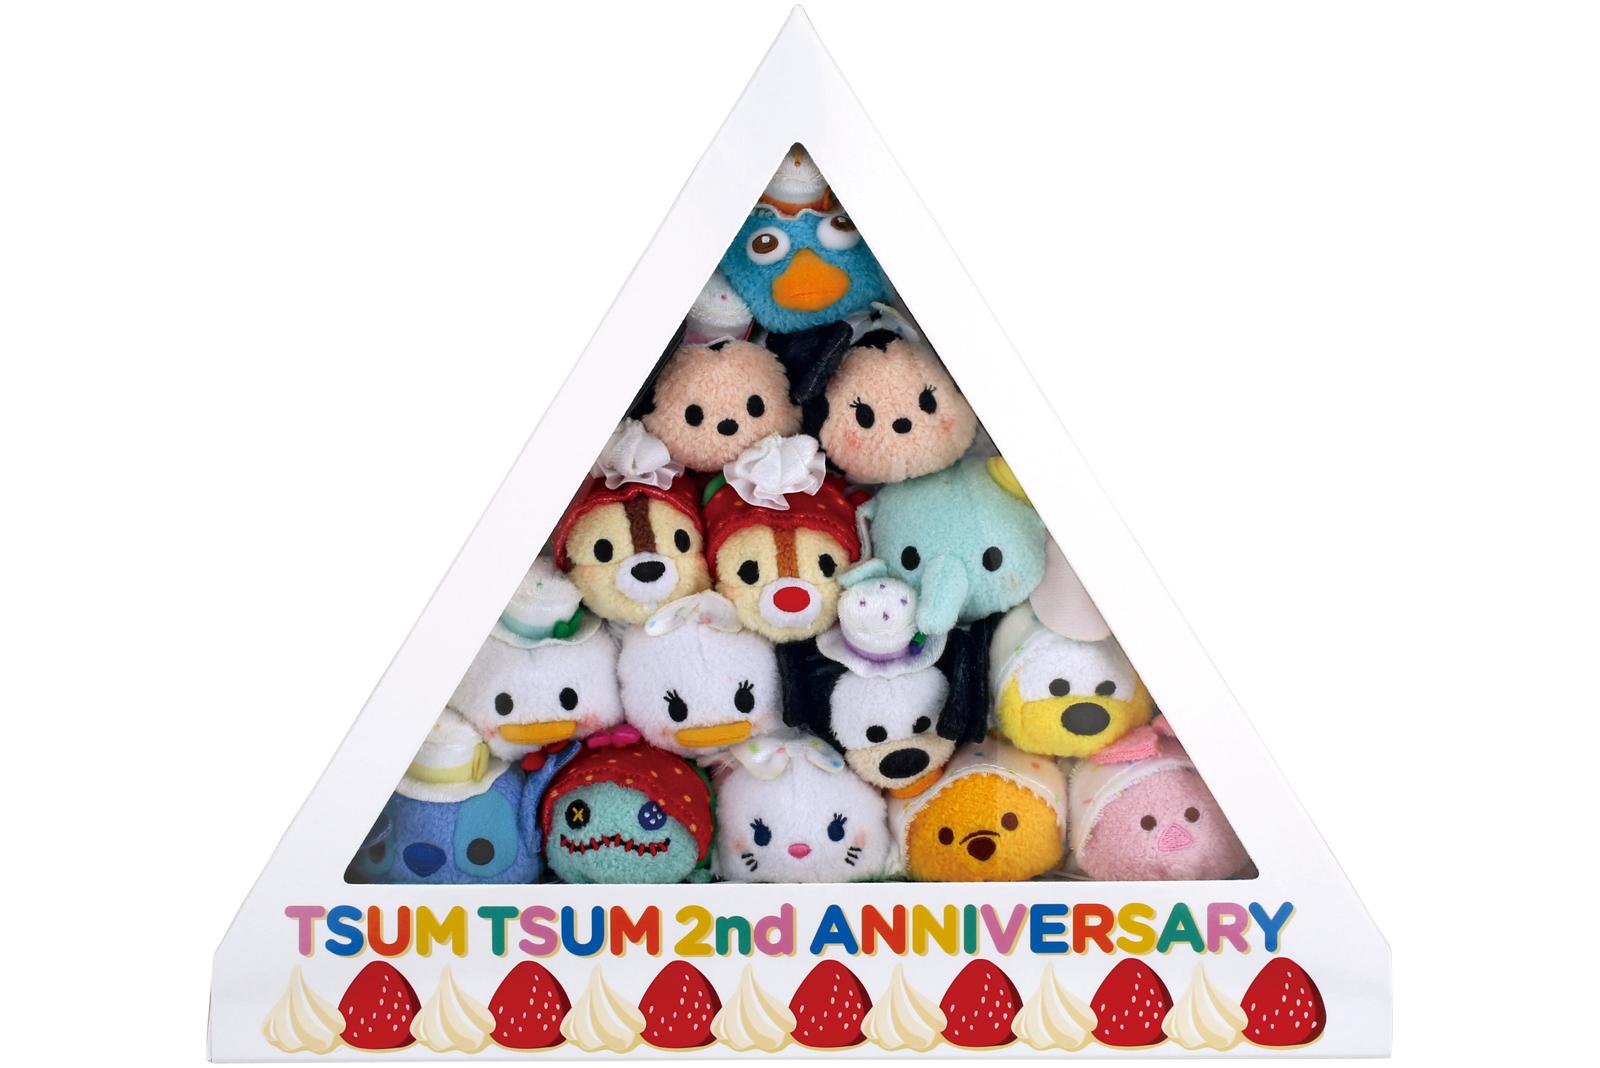 アニバーサリーケーキBOX TSUM TSUM